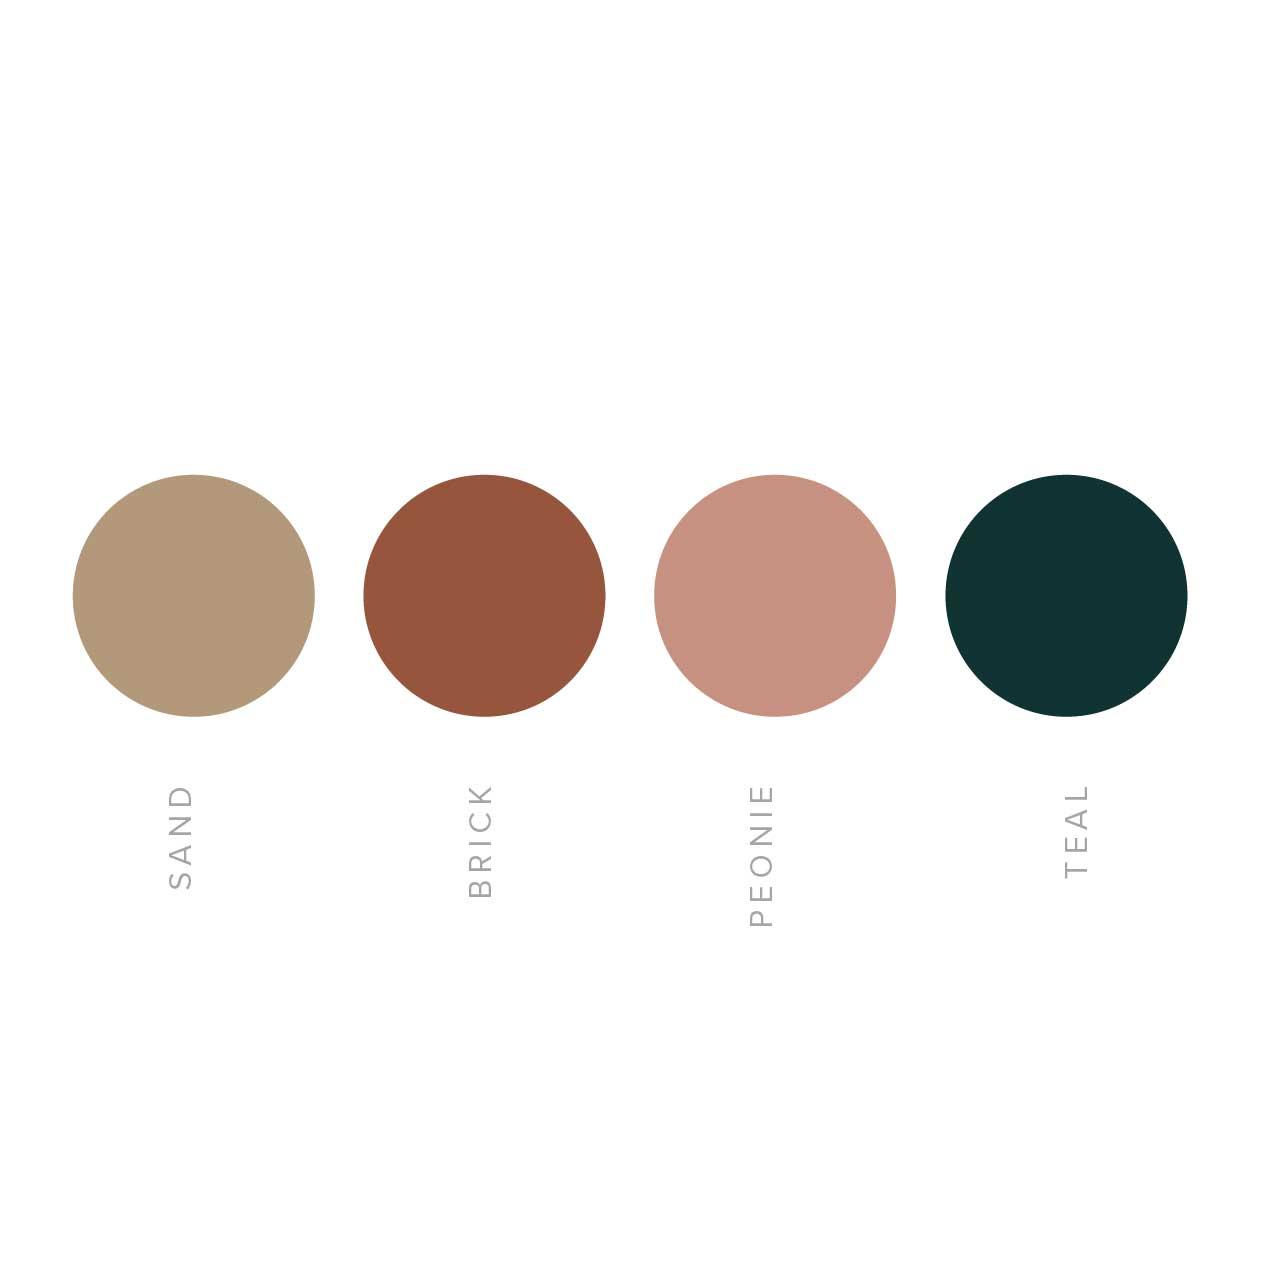 colourpalette-08.jpg